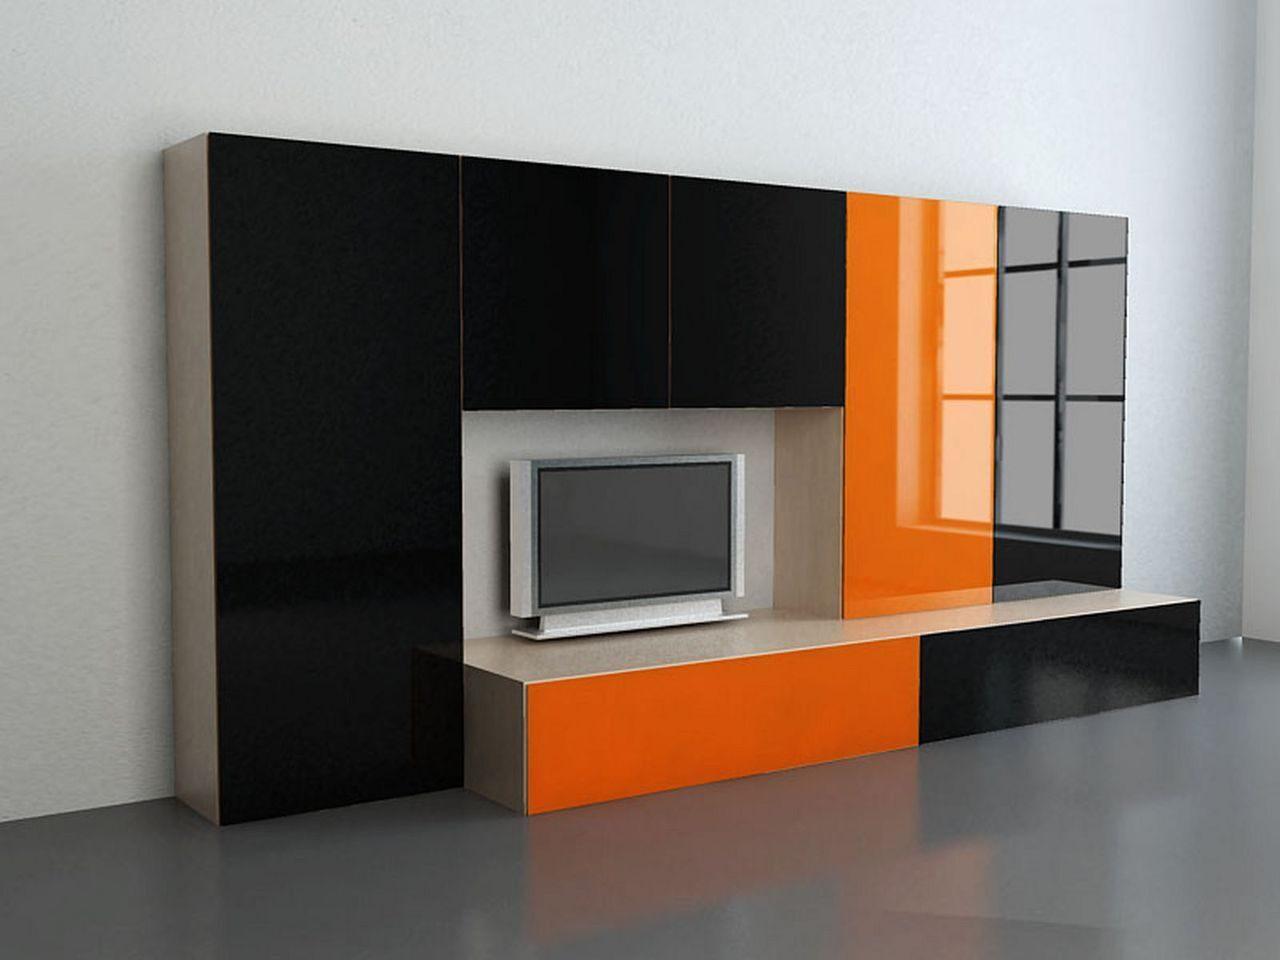 Мебель для гостиной на заказ, фото гостиной на заказ, гостин.